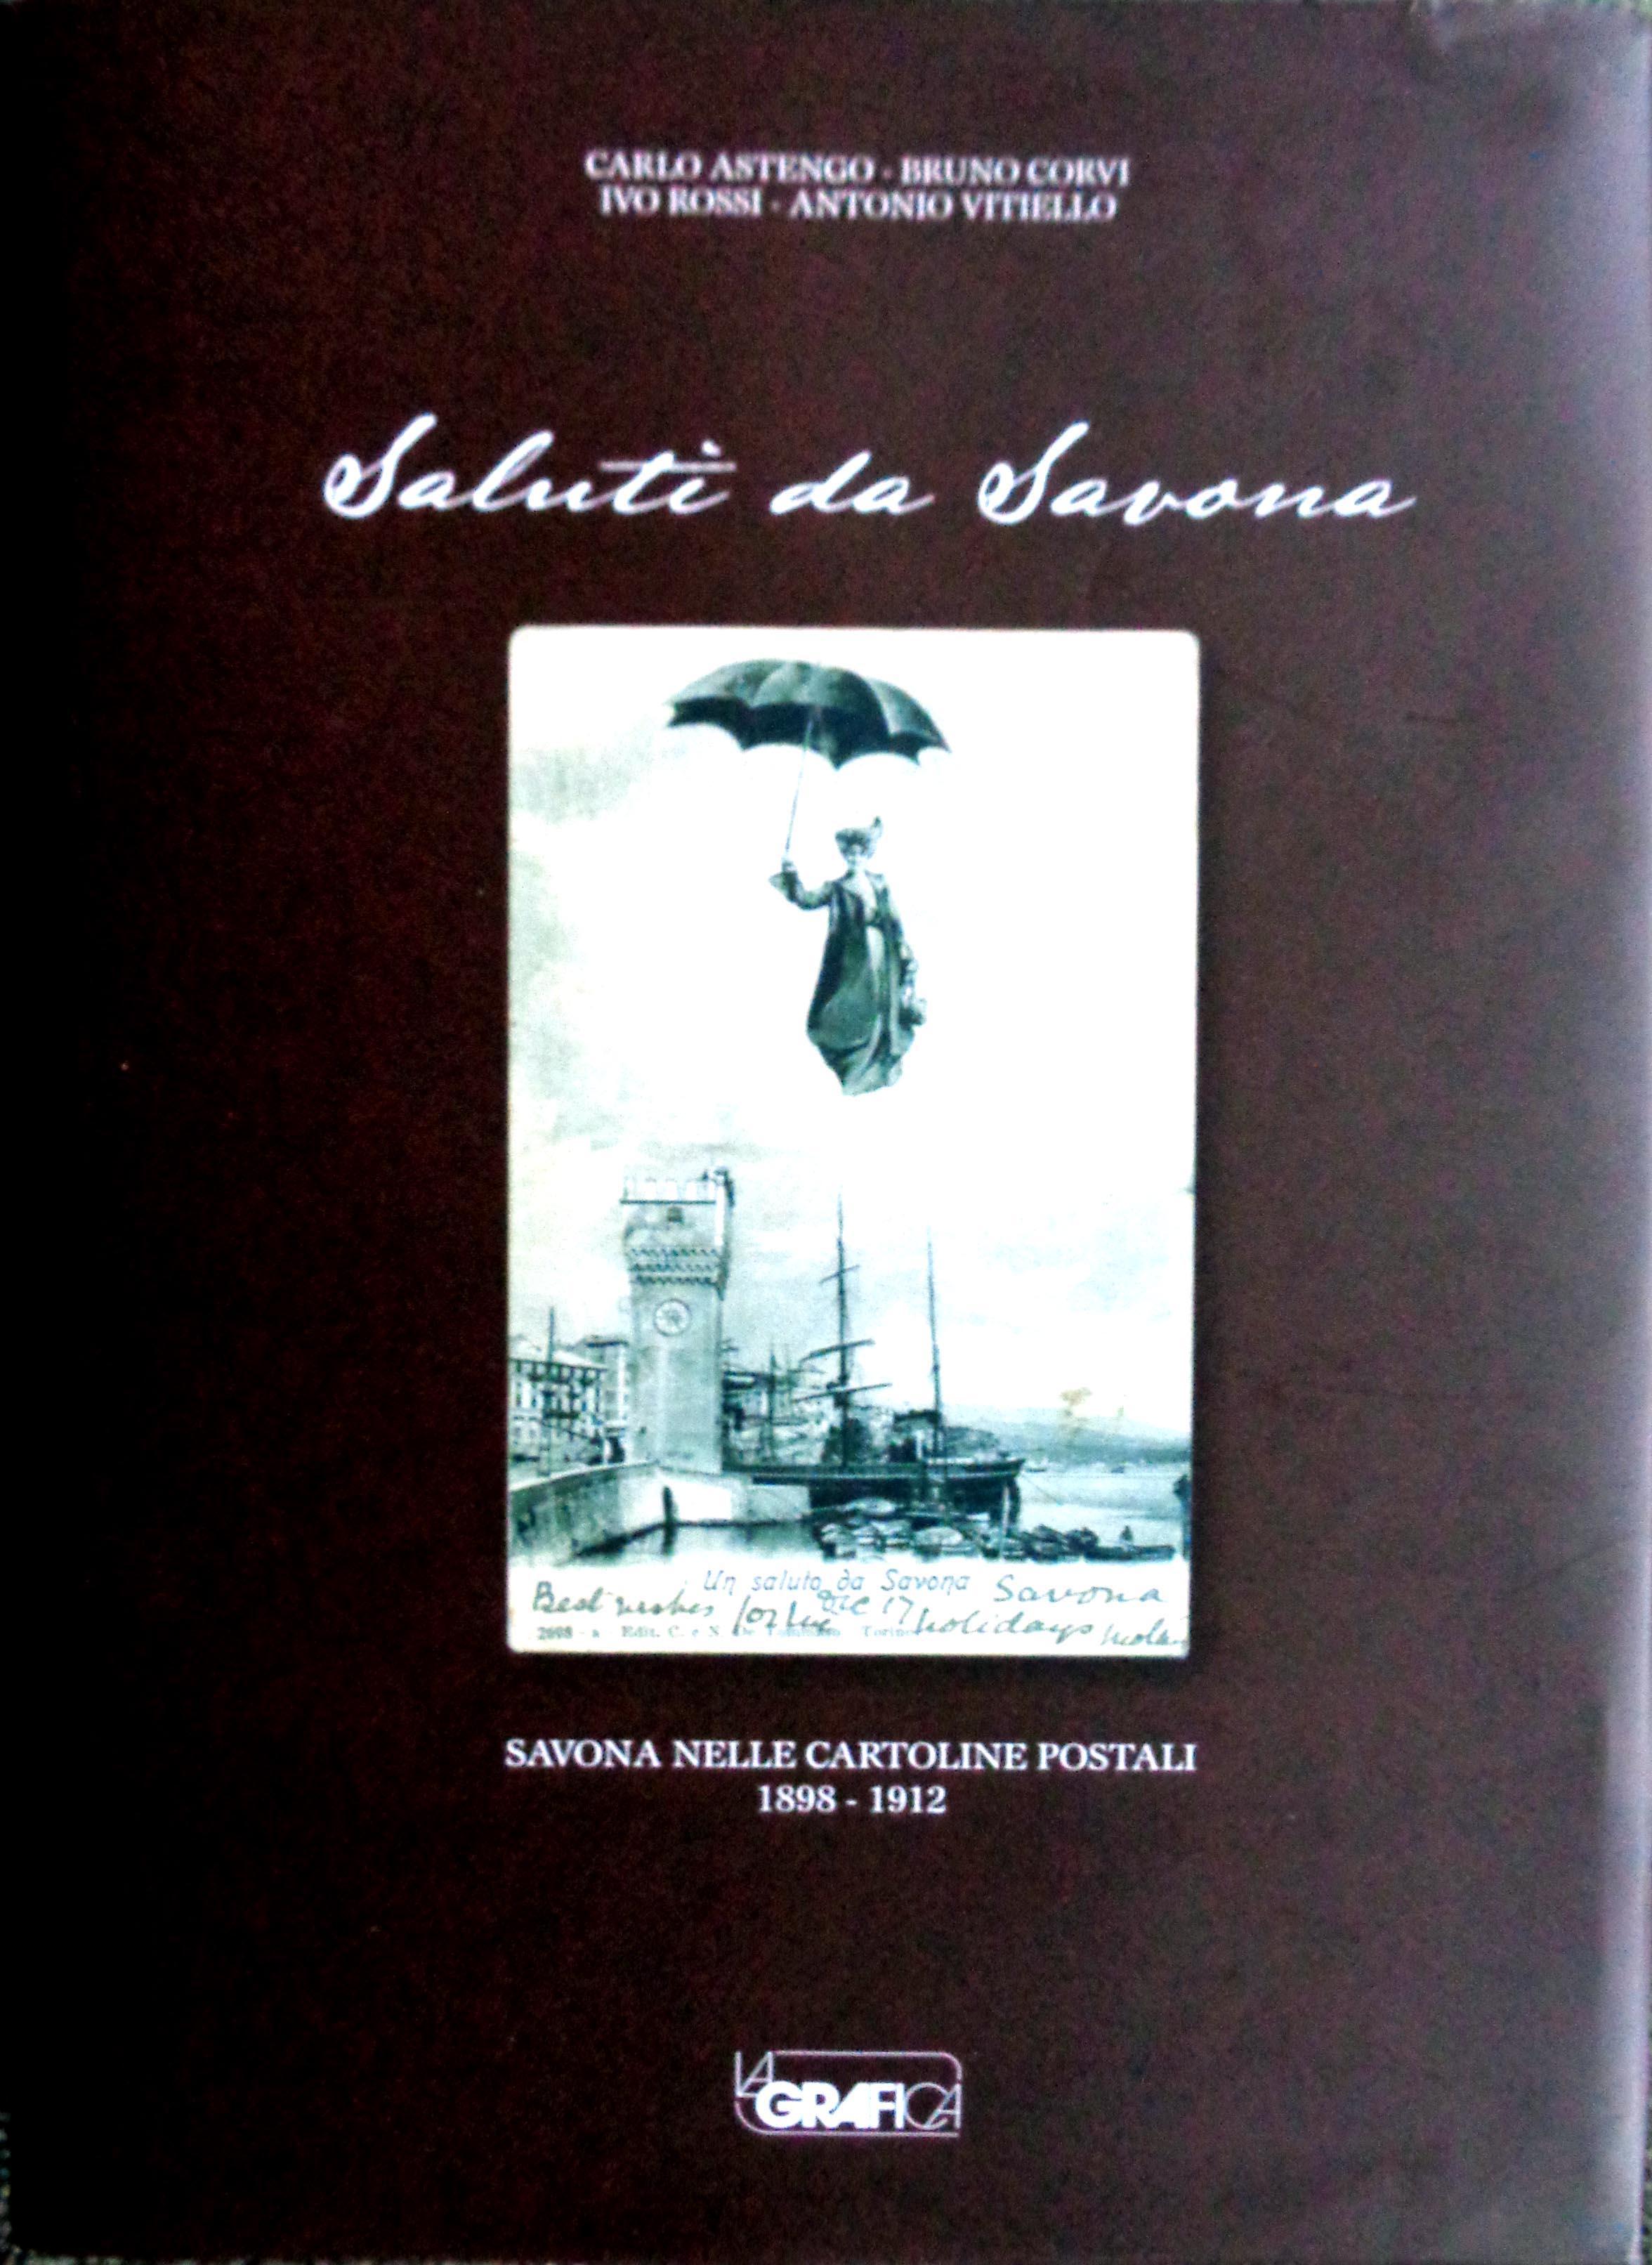 Saluti da Savona